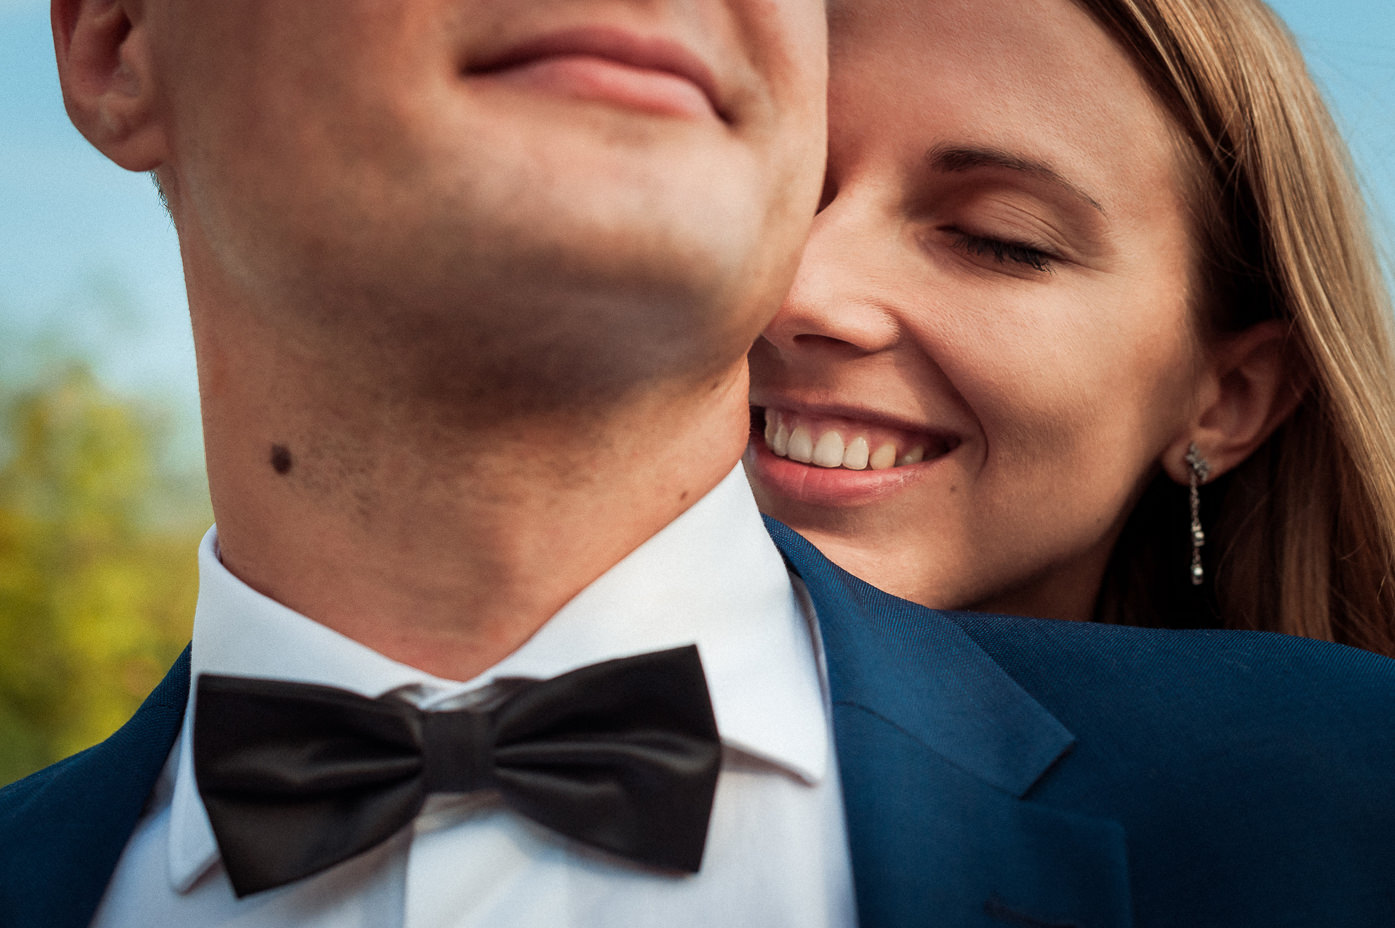 Opinie klientów o fotografie ślubnym jaki ma być fotograf ślubny